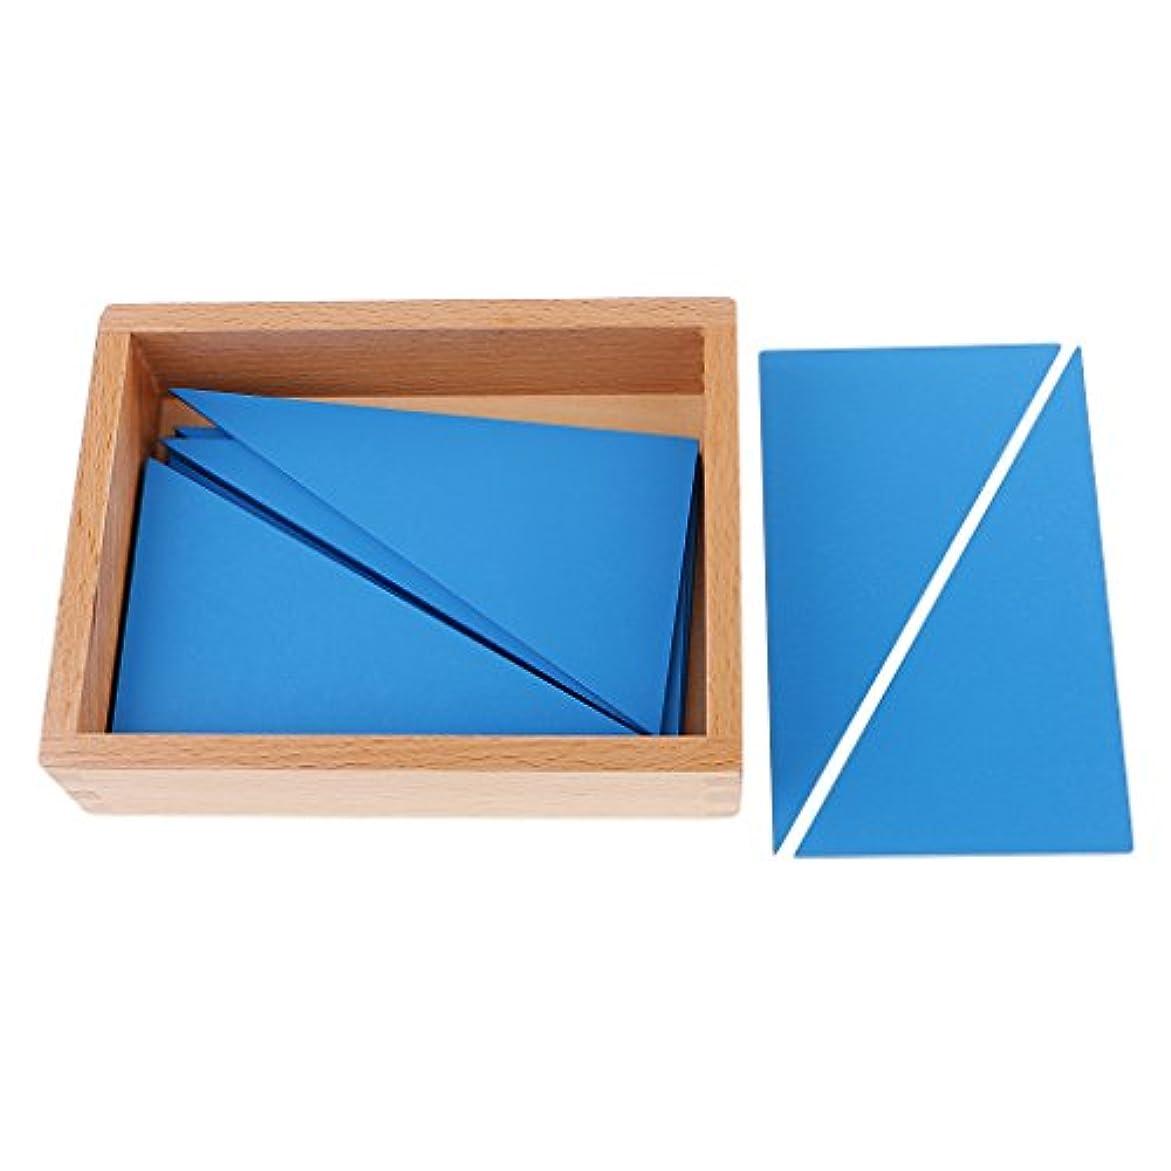 王女貴重な抑圧者Generic 官能材料建設的な青い三角形幼児子供のおもちゃ